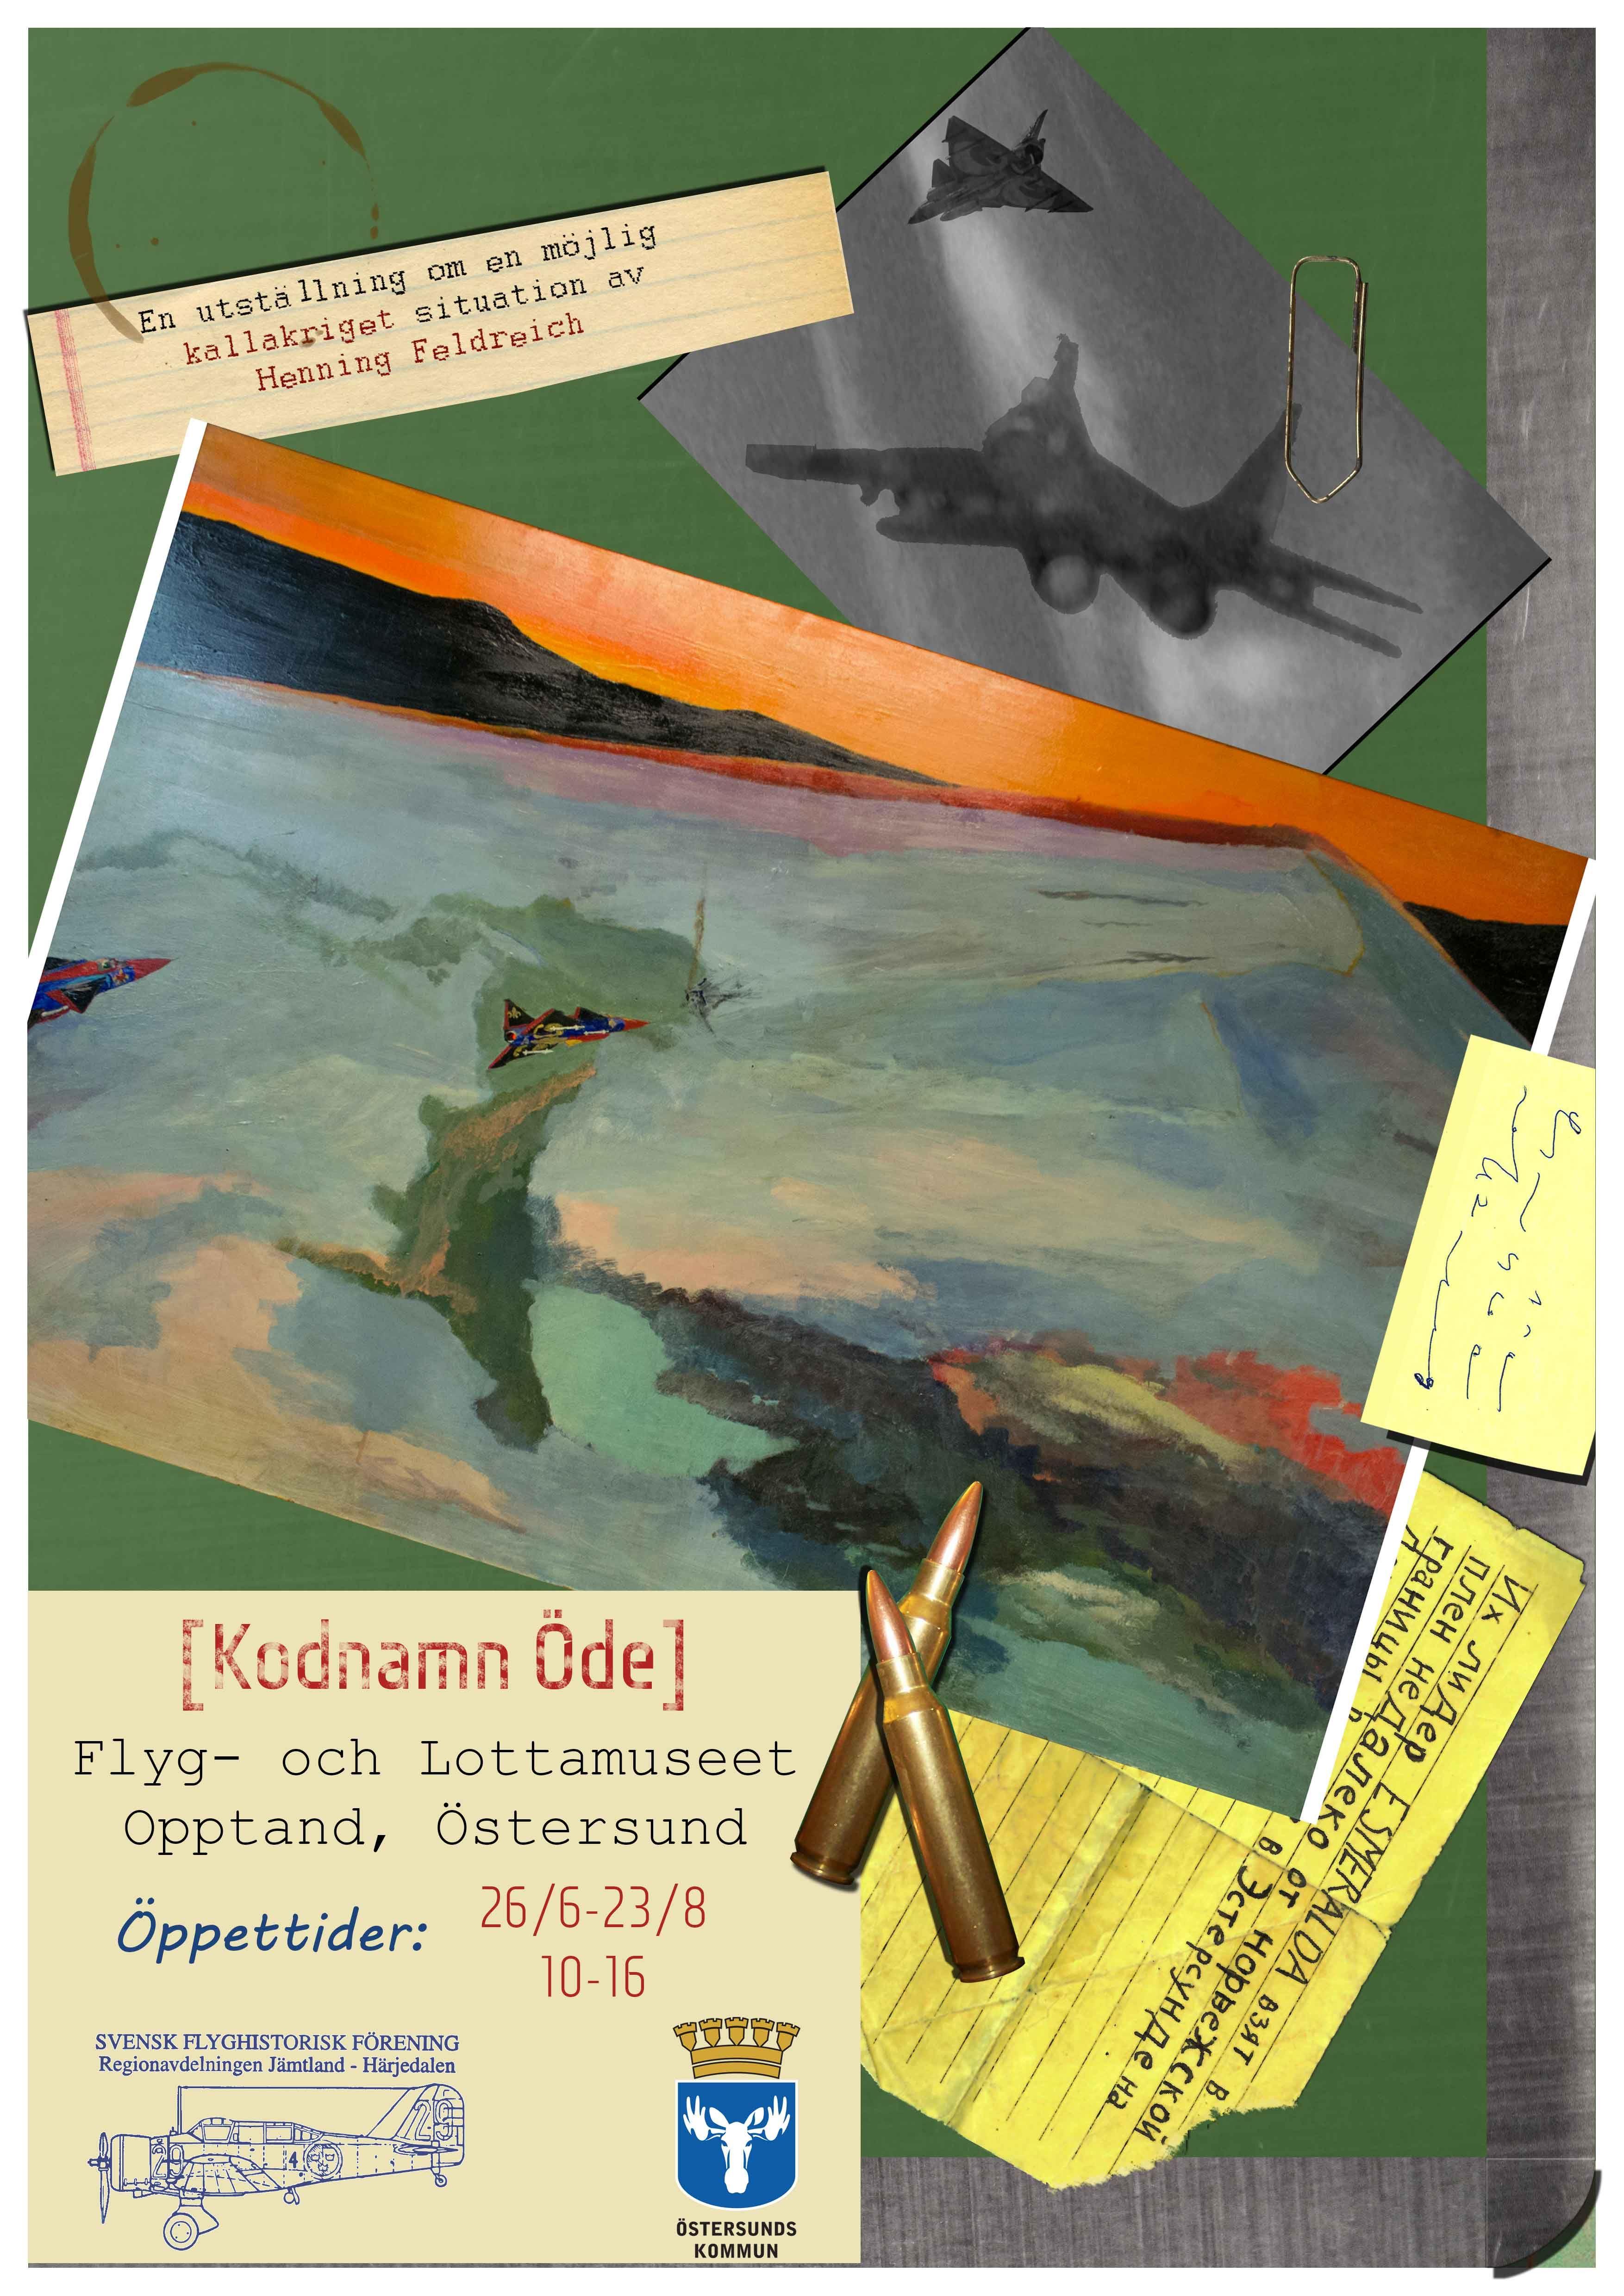 © copy: flyg-ochlottamuseet, Bild på konstverk